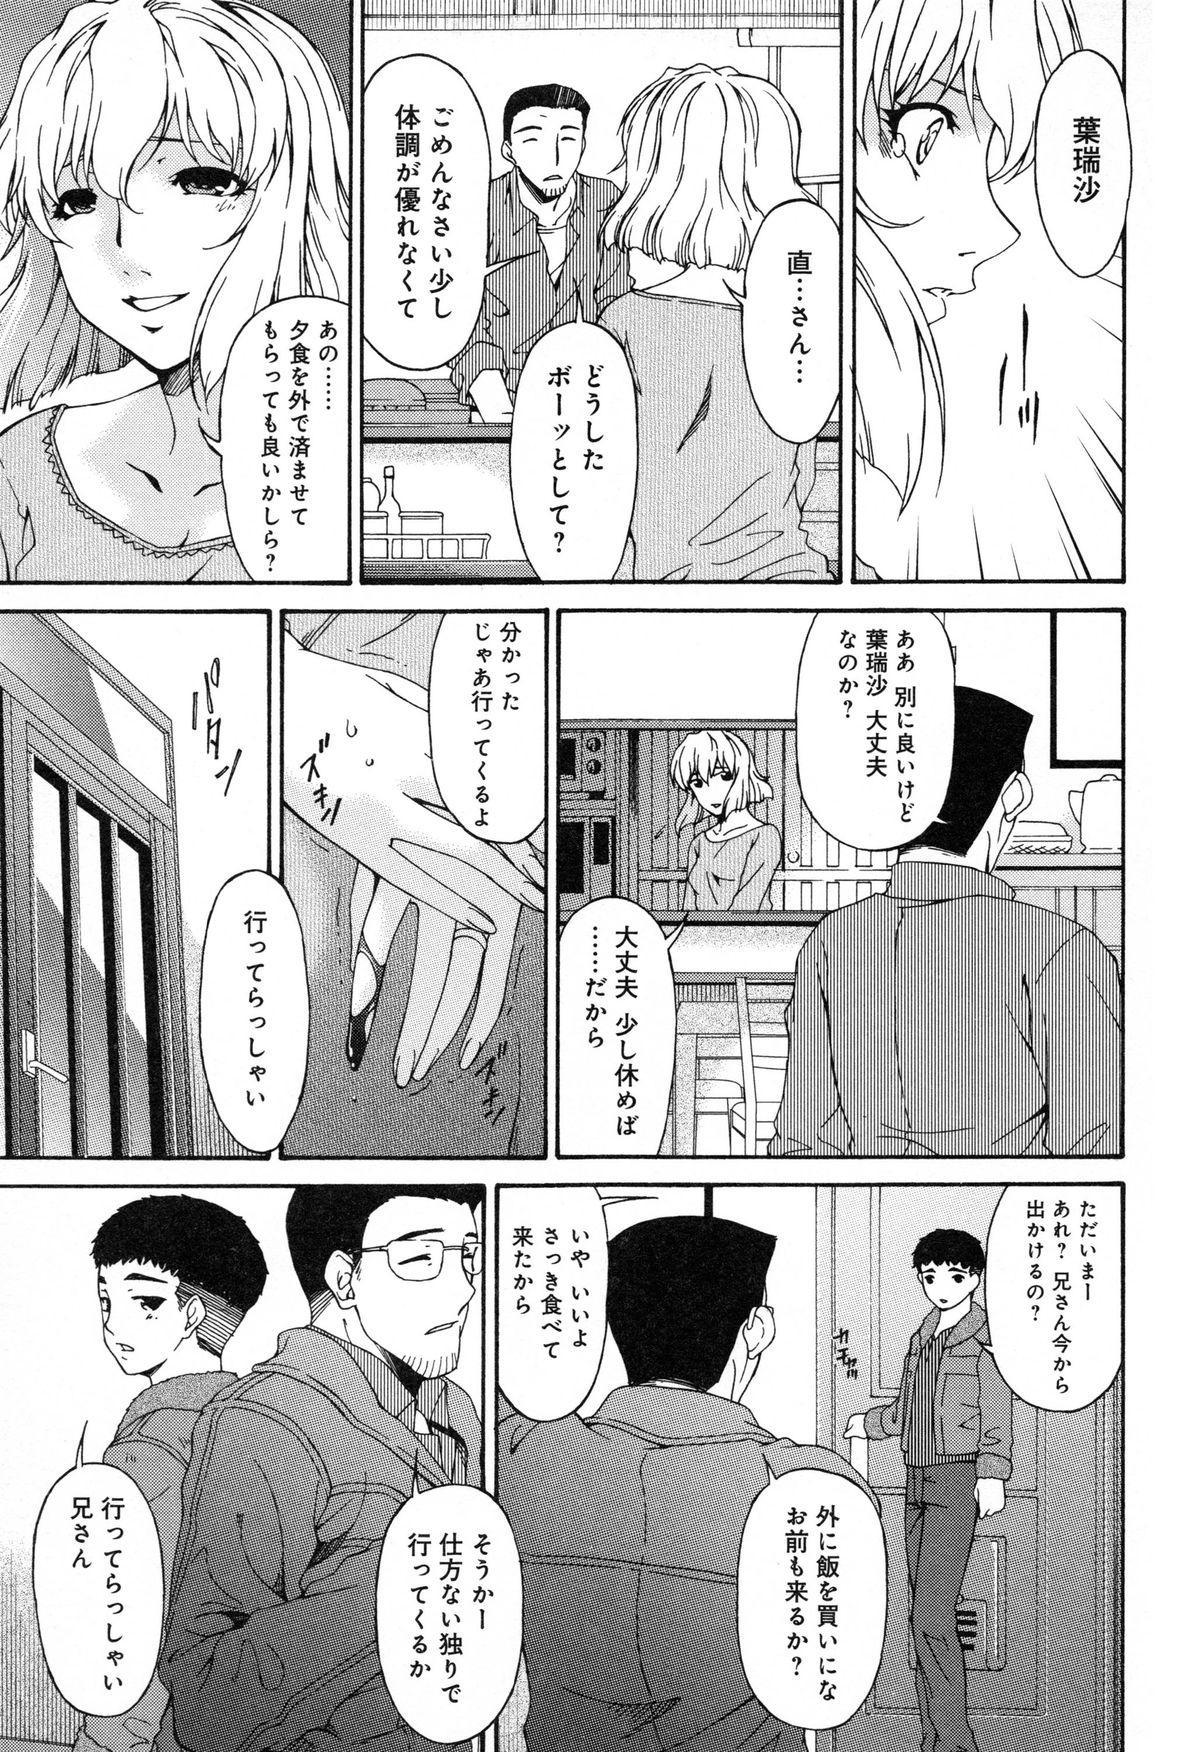 Shinshoku no Toki 129